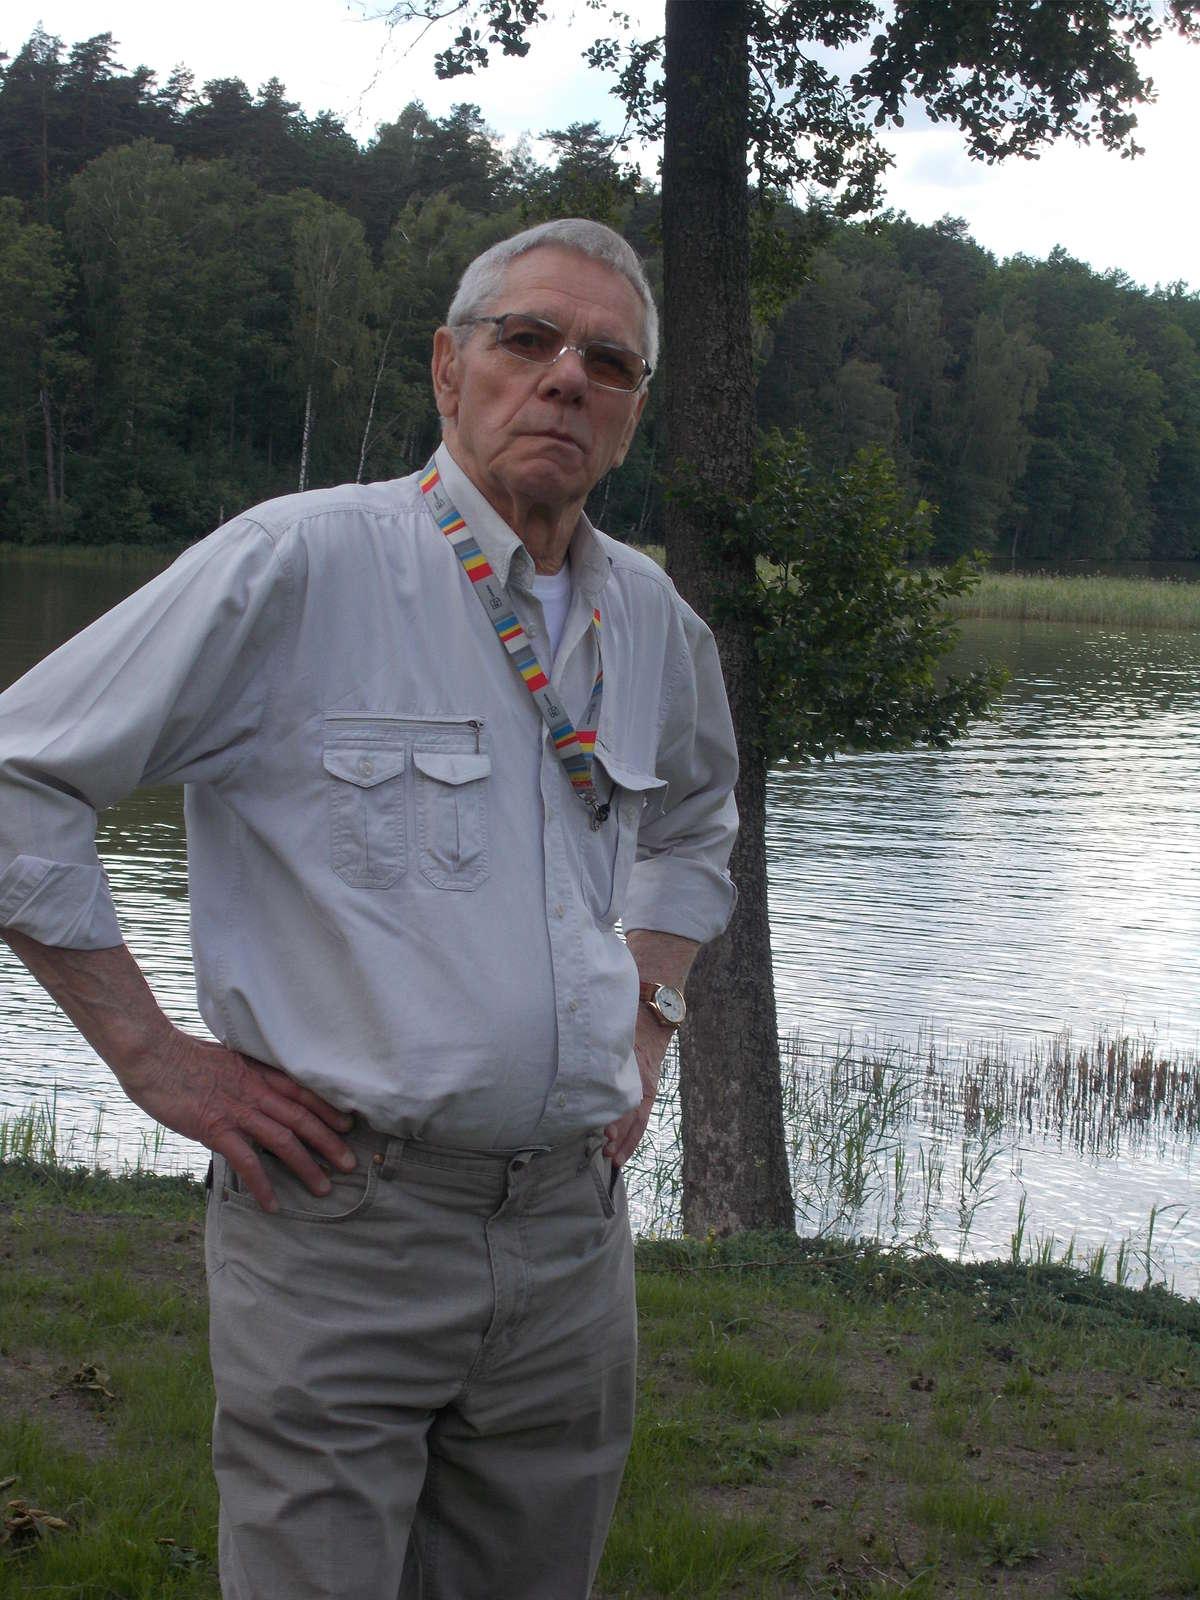 Zygmunt Rośleń